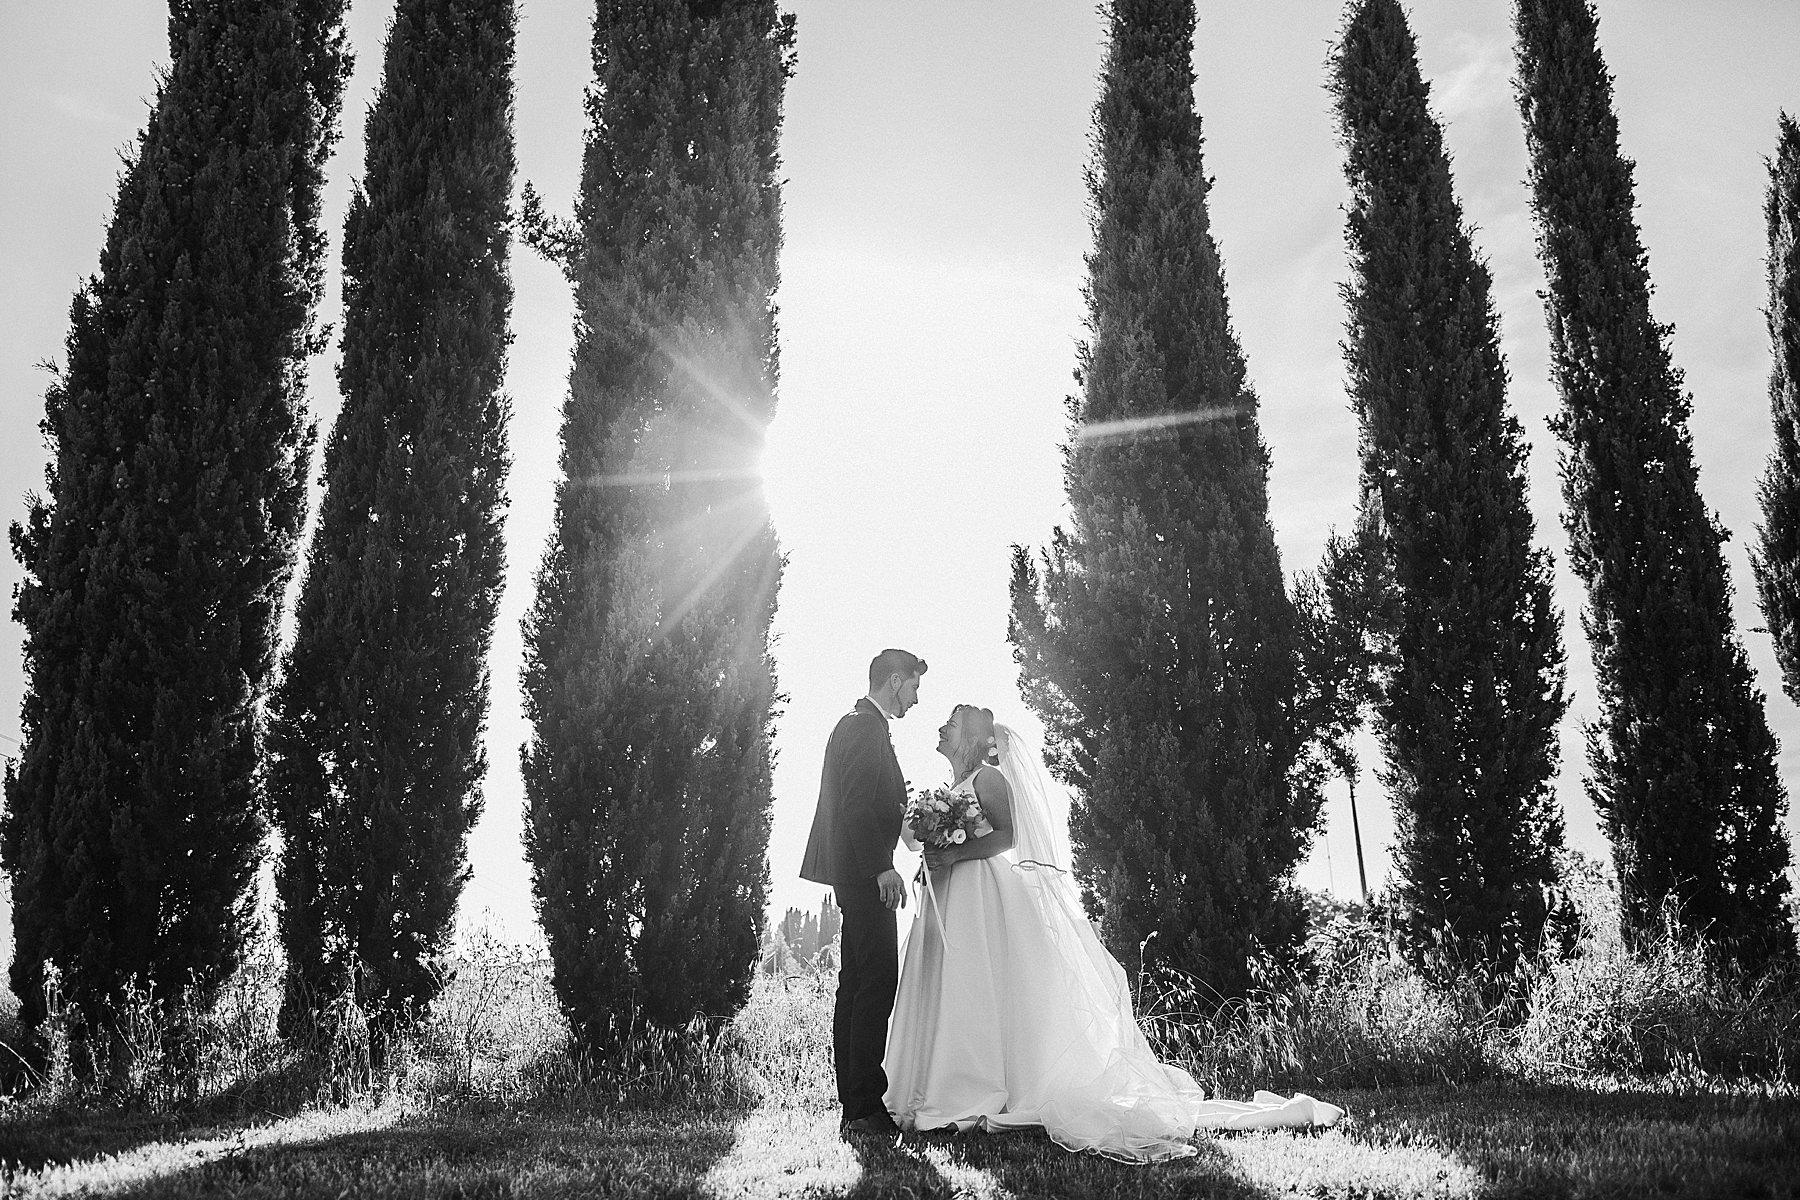 matrimonio tenuta bichi borghesi monteriggioni 3032